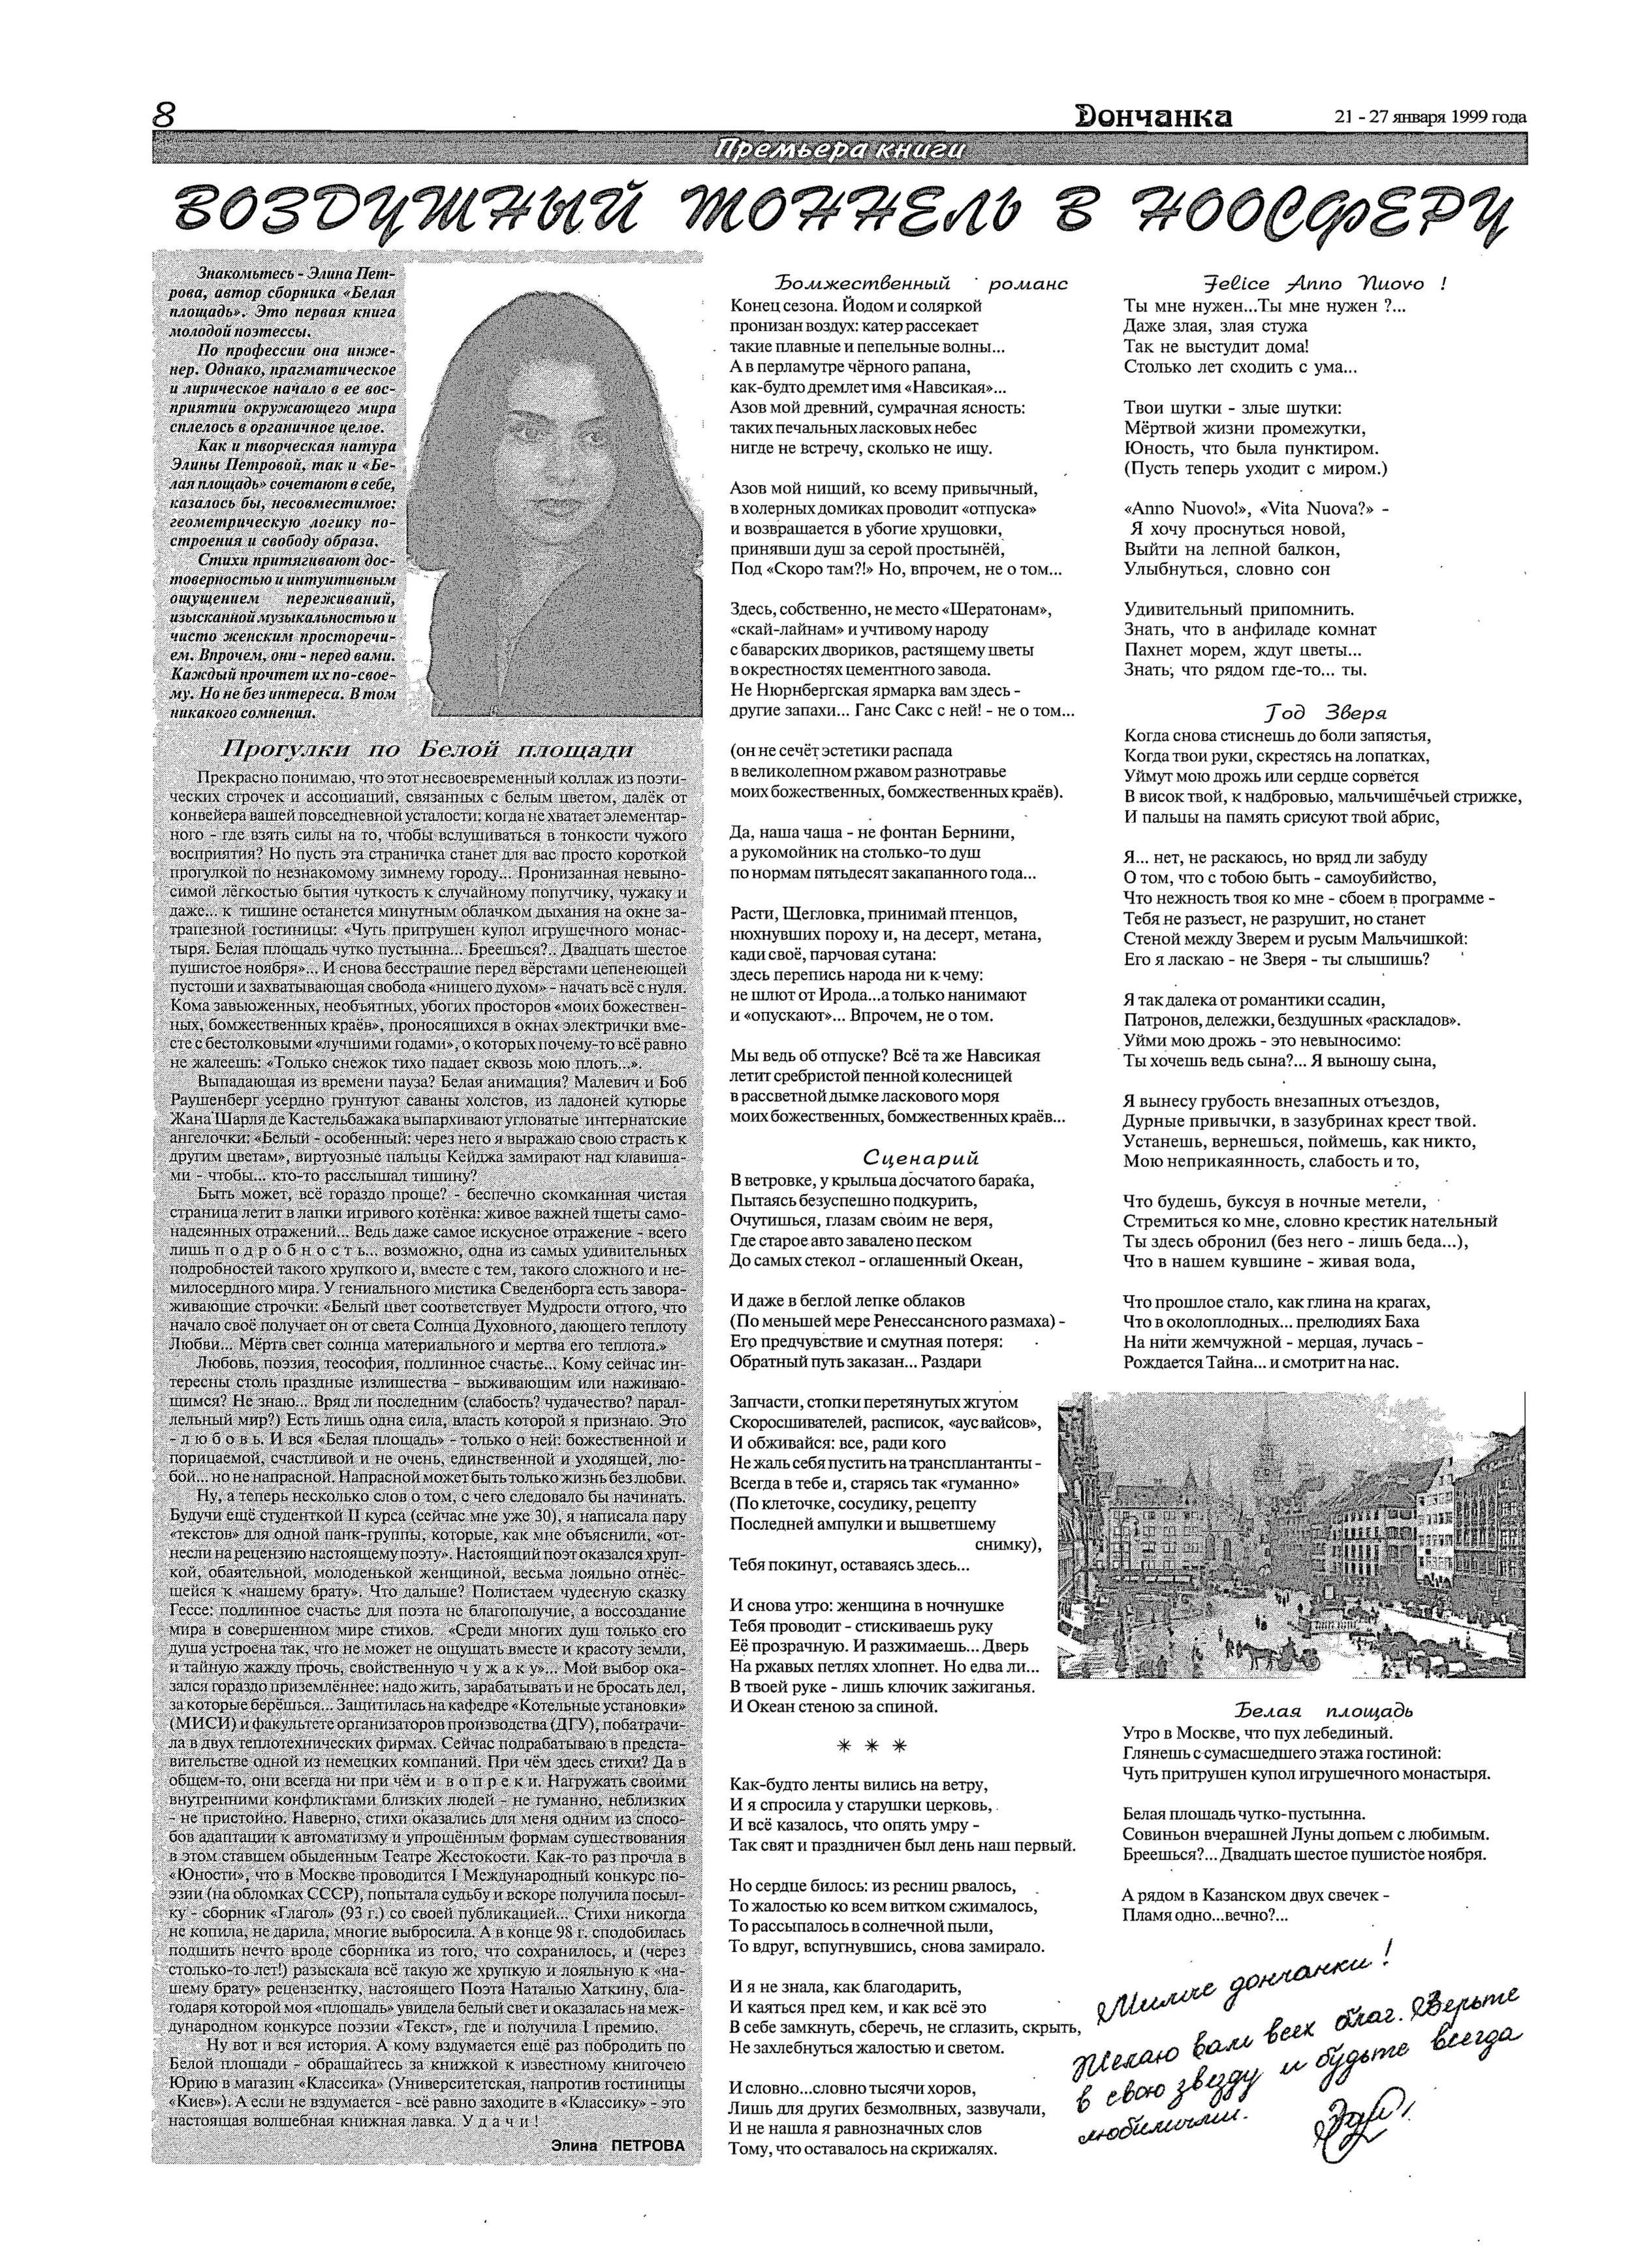 3. Donchanka, Kovtun. January 27, 1999.jpg